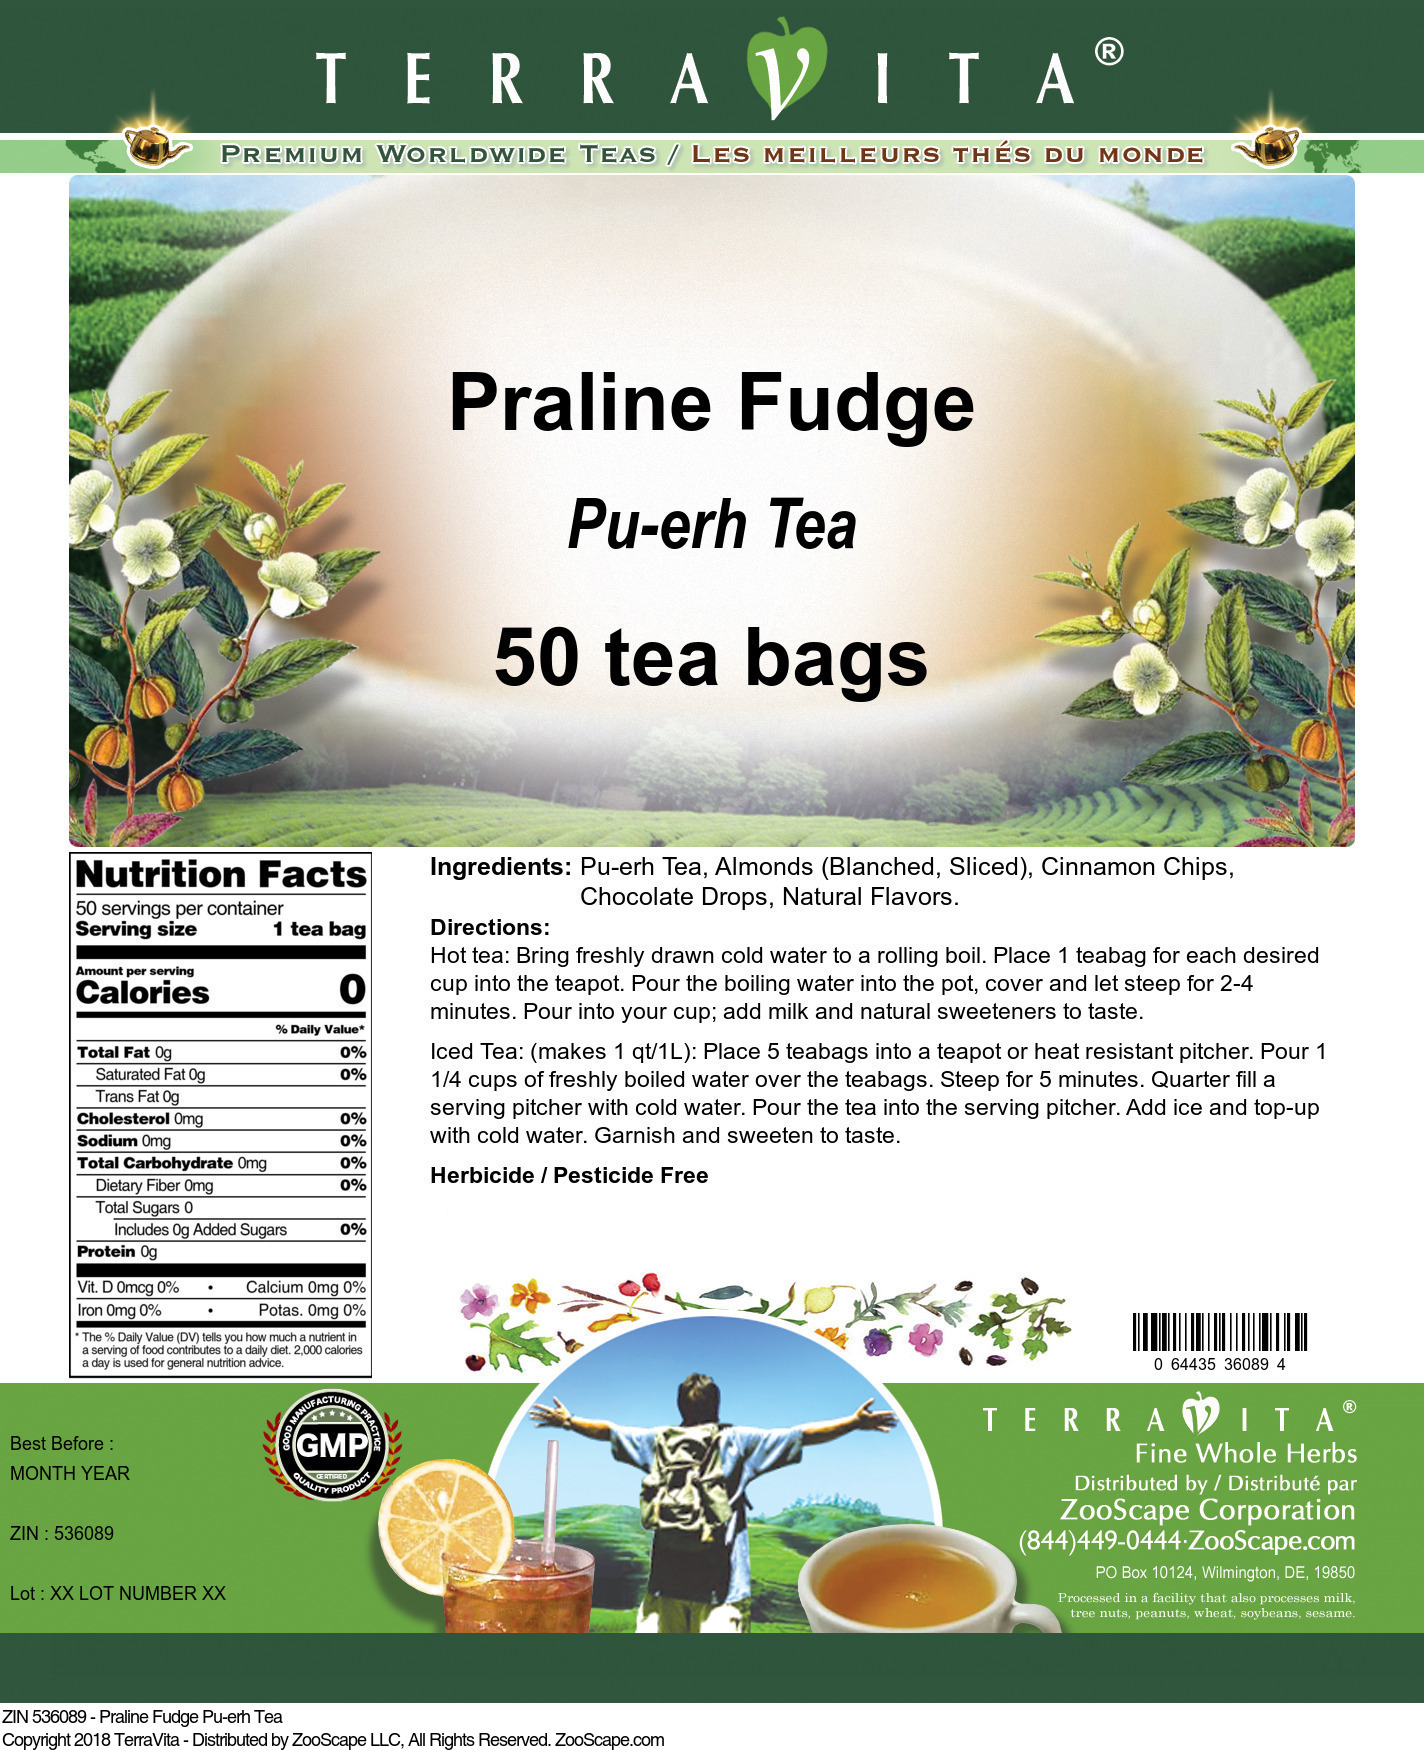 Praline Fudge Pu-erh Tea